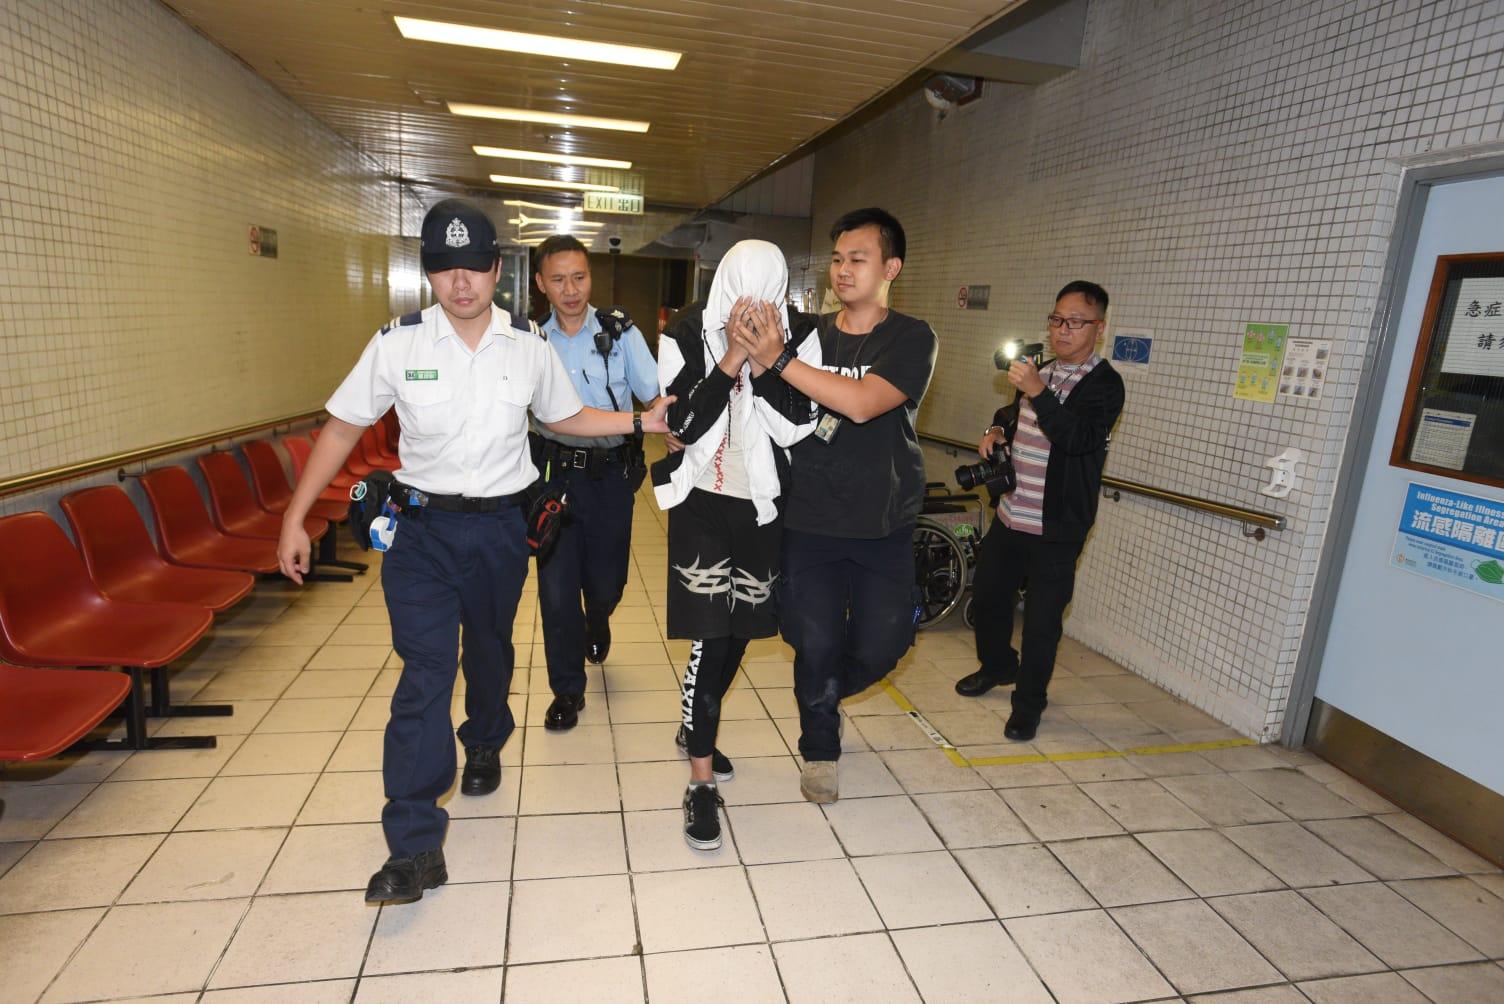 男事主由警員陪同下送院檢驗。